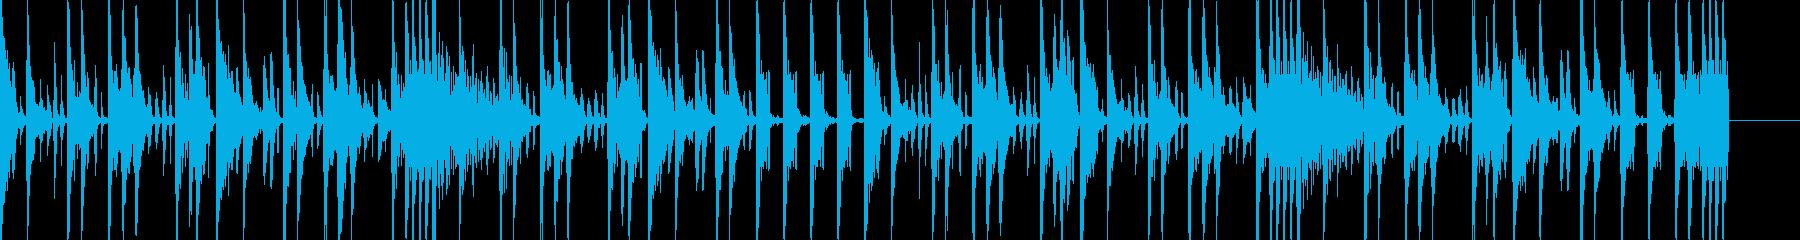 ボイパ 勢いのあるBGMの再生済みの波形